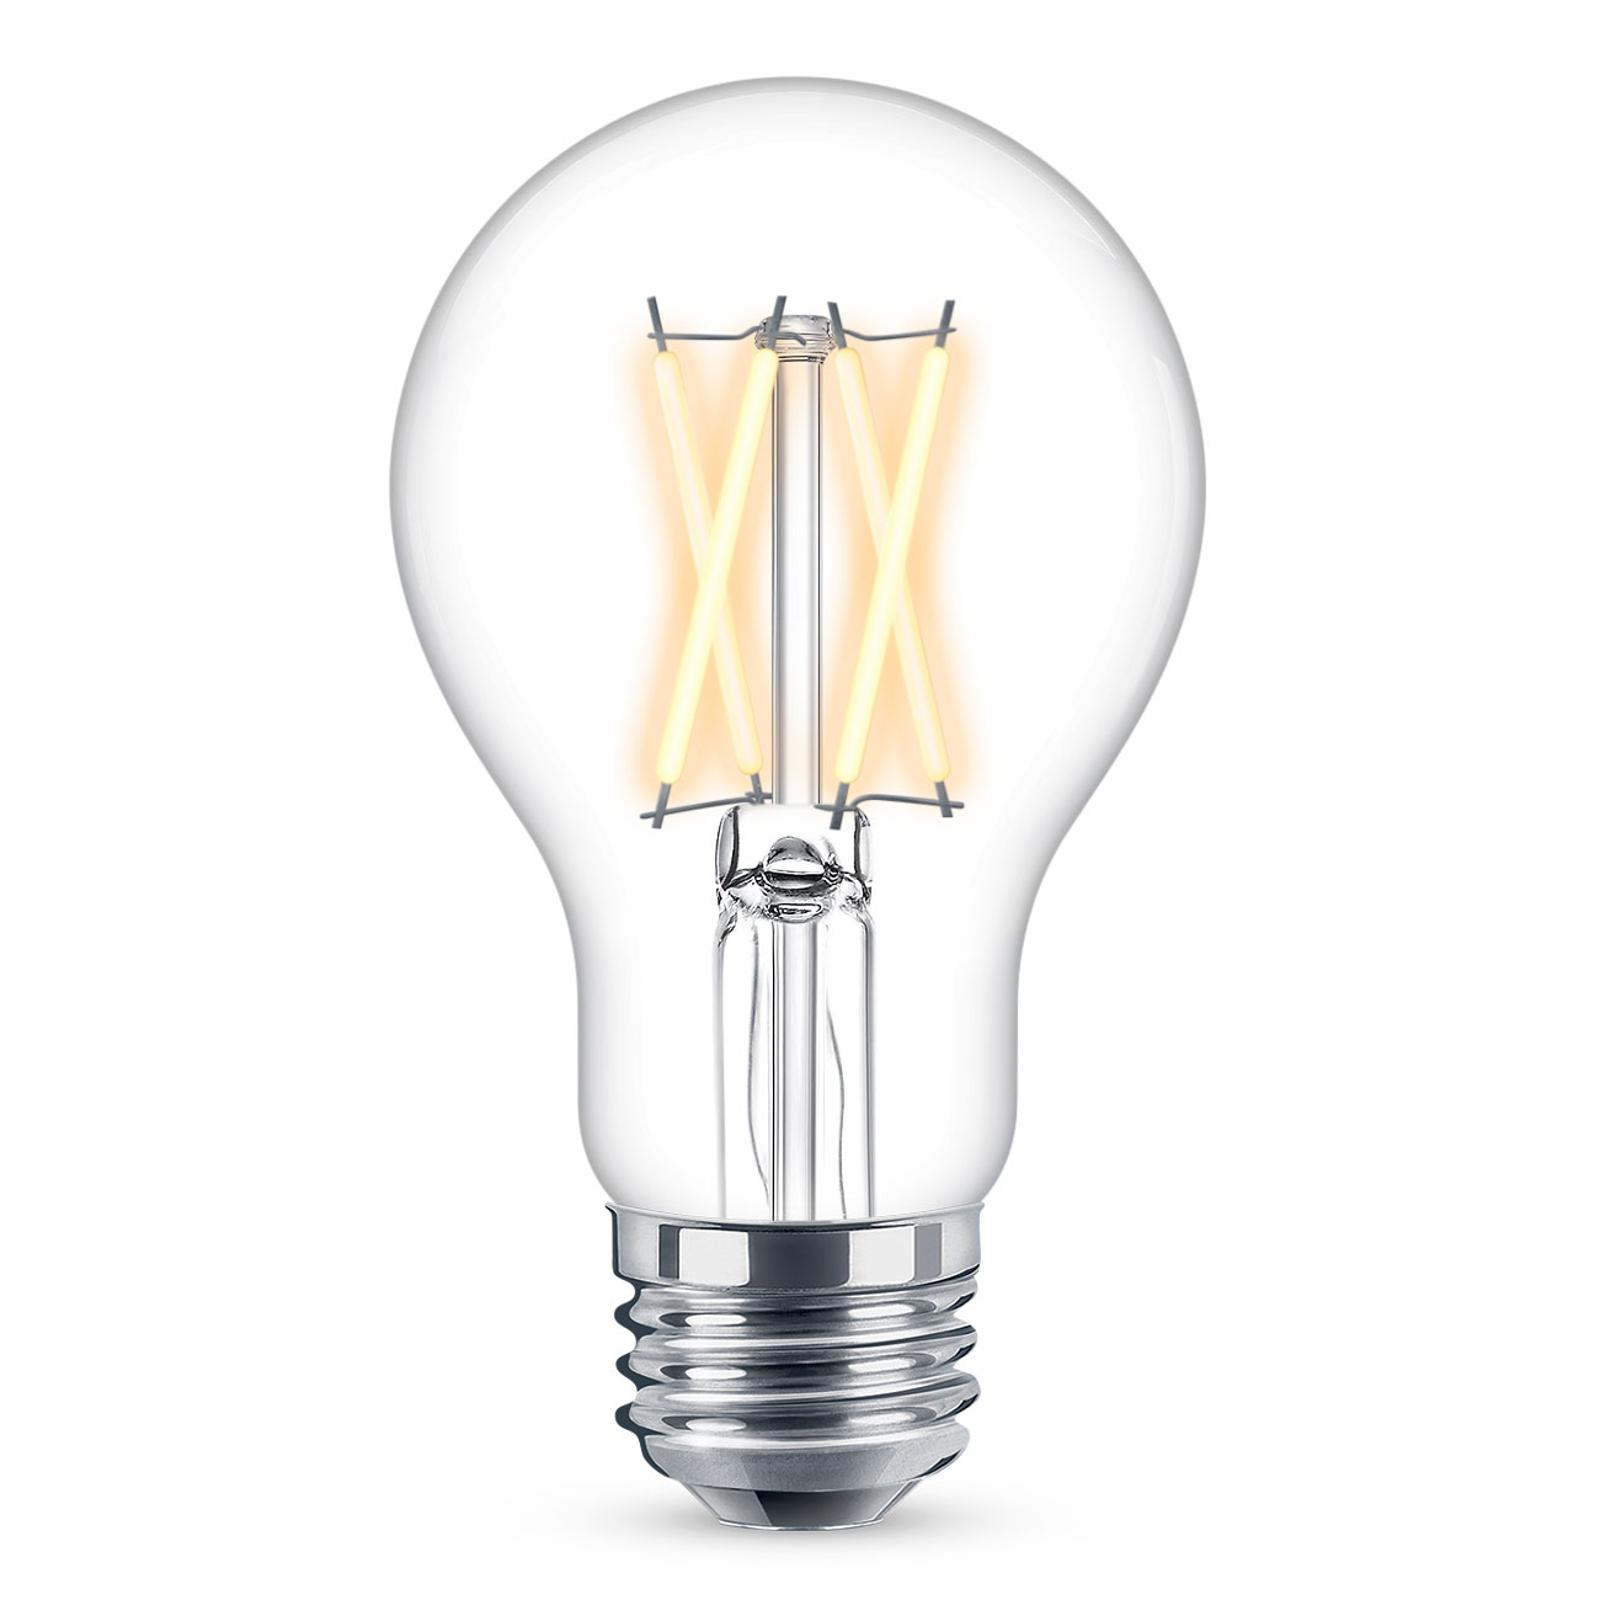 WiZ E27 LED A60 hehkulanka 6,5 W 2200 - 5500K